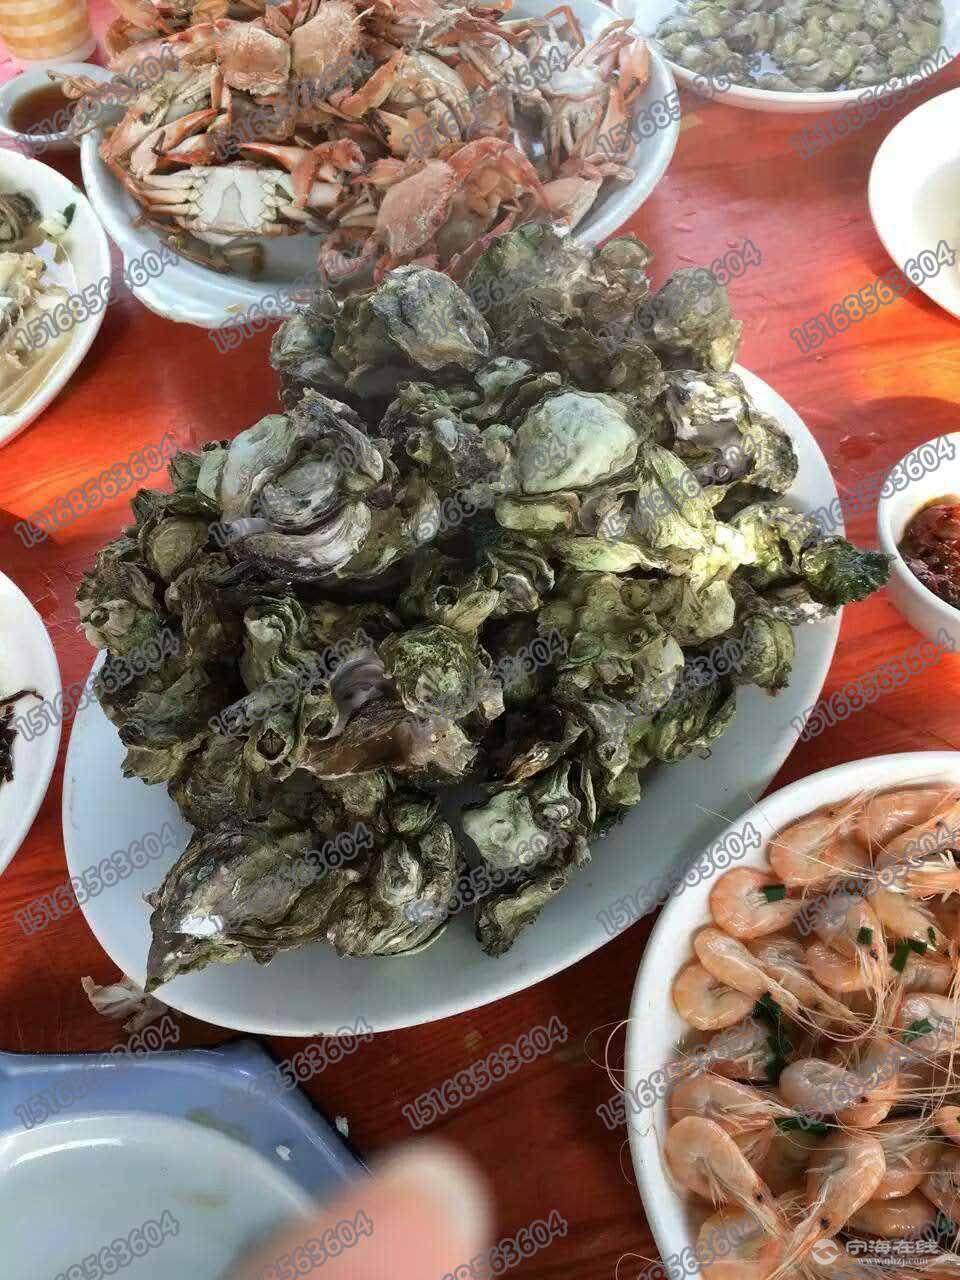 游玩海岛,船上享受海鲜大餐,家庭朋友小聚,公司聚餐都是极好的选择.